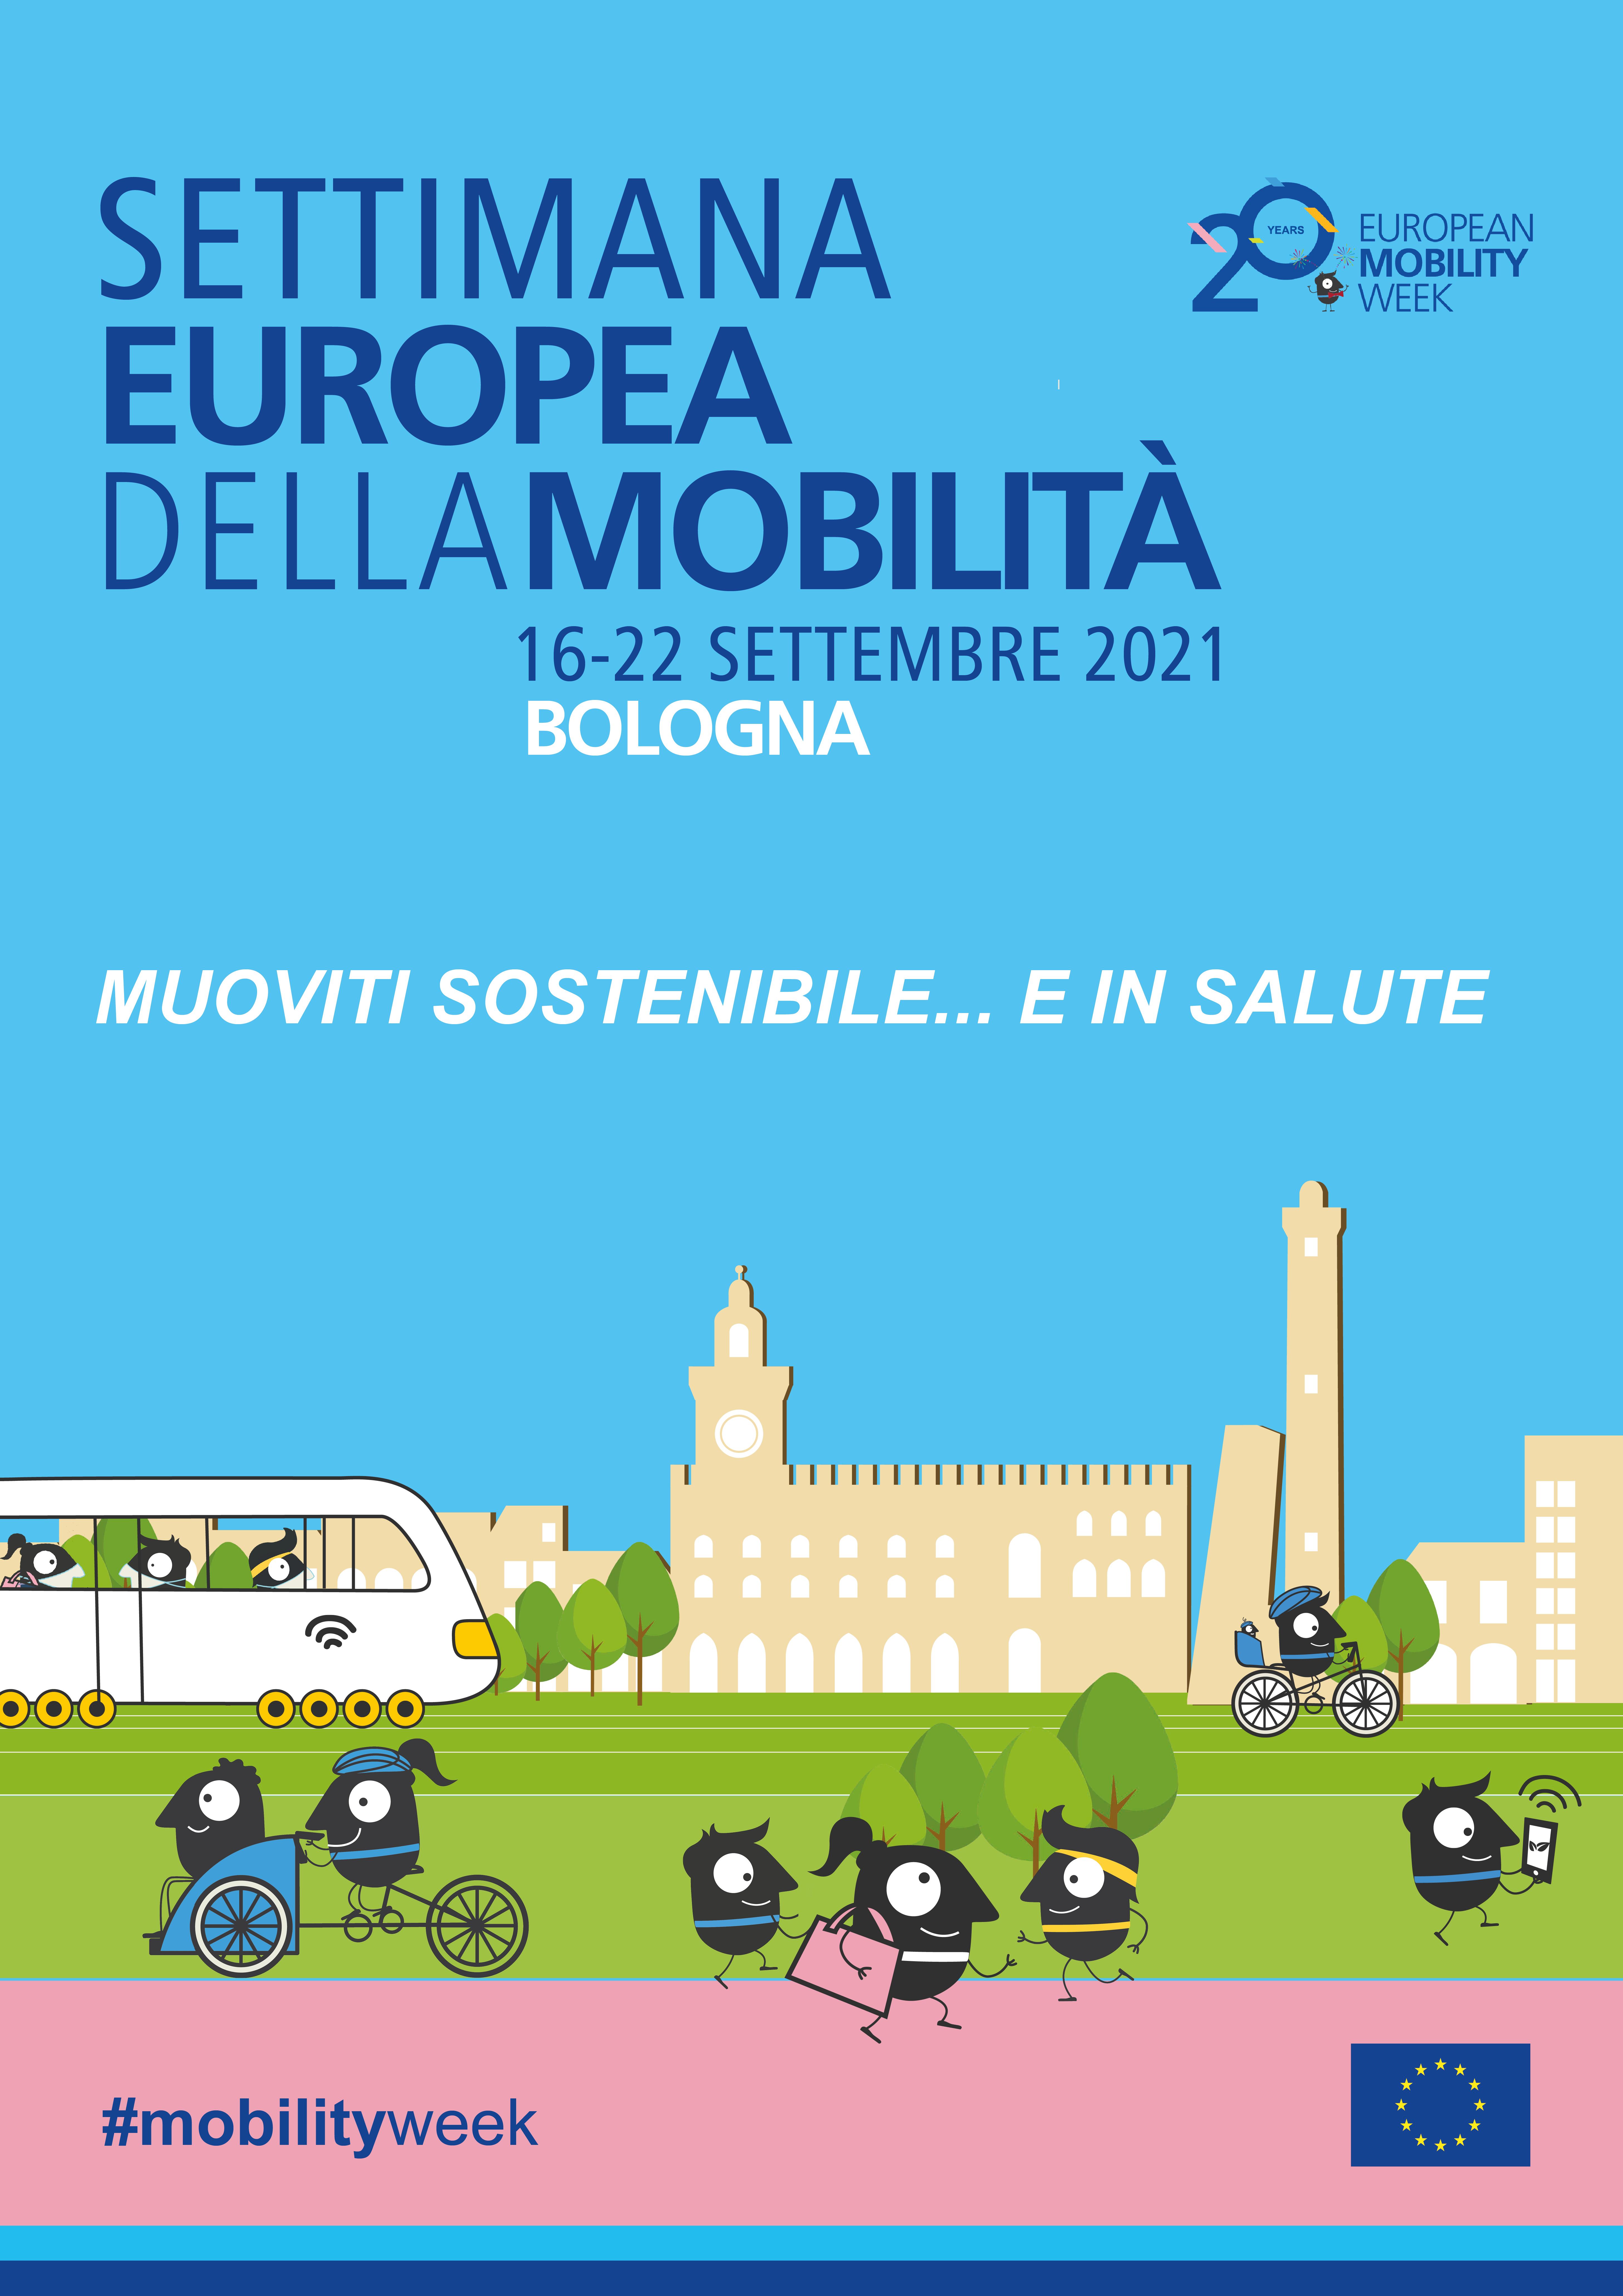 Settimana della mobilità sostenibilie